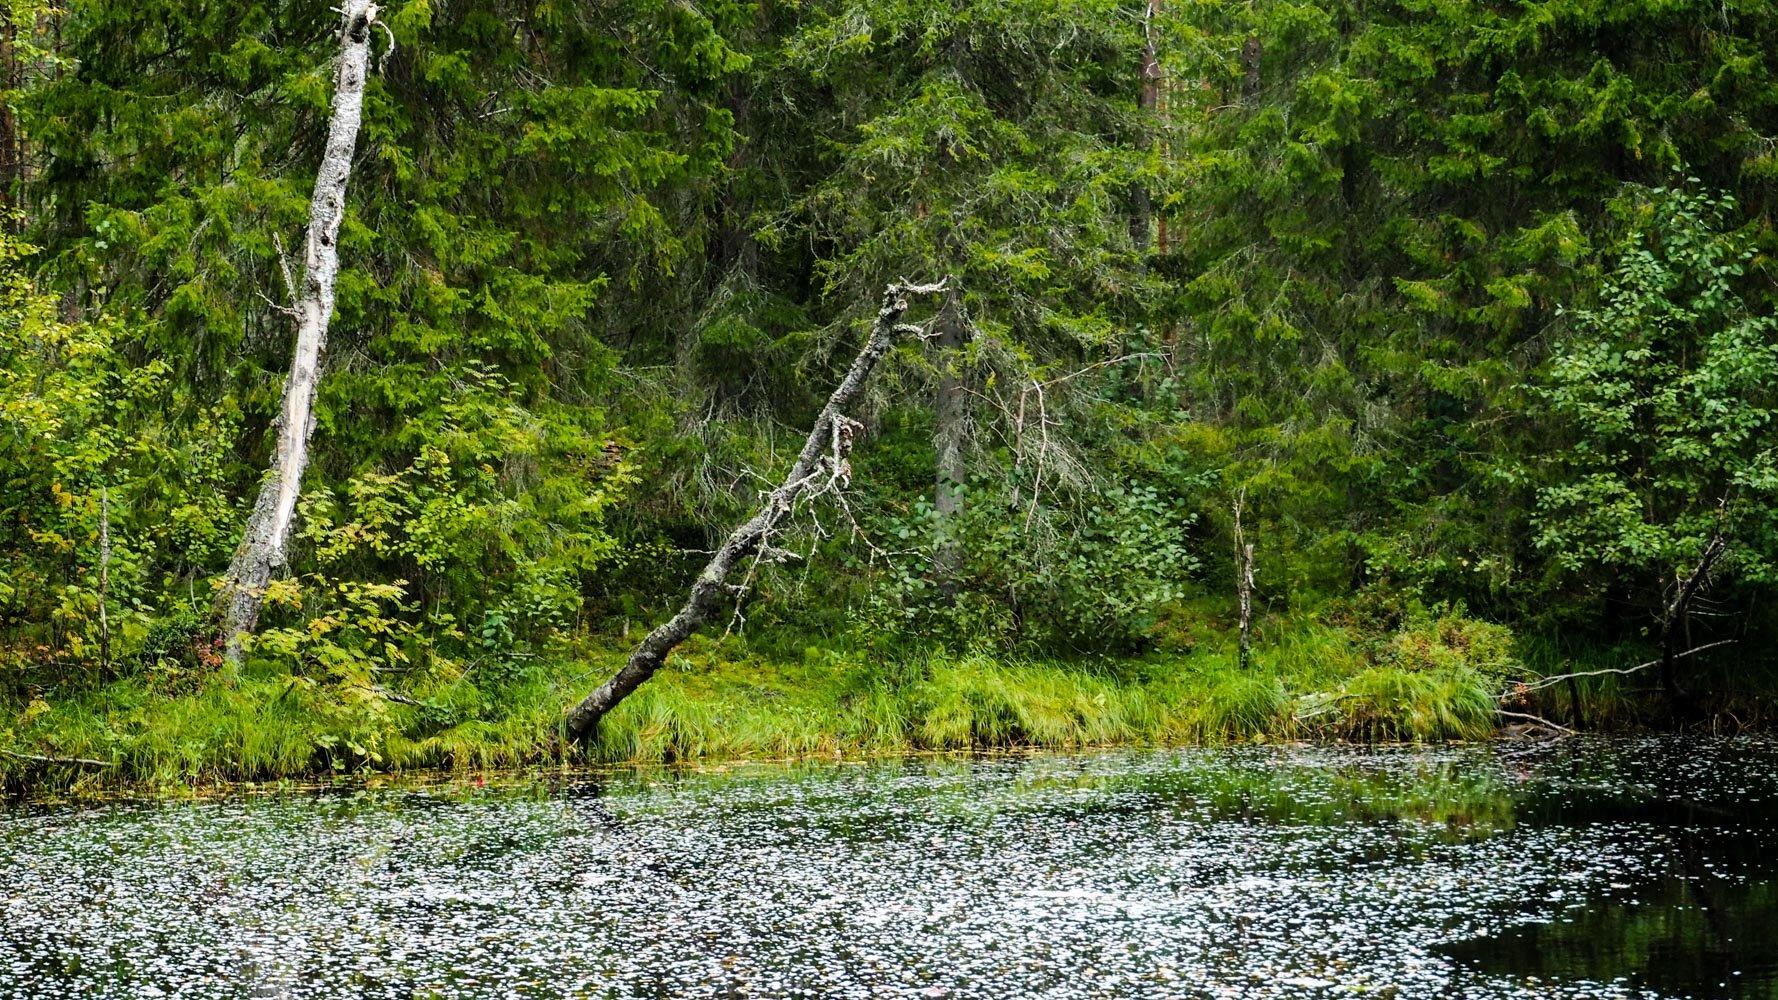 Tummavetisen joen mutka, veden pinnalla kelluu valkoista vaahtoa. Rannalla kurottuu kuollut puu veden ylle.